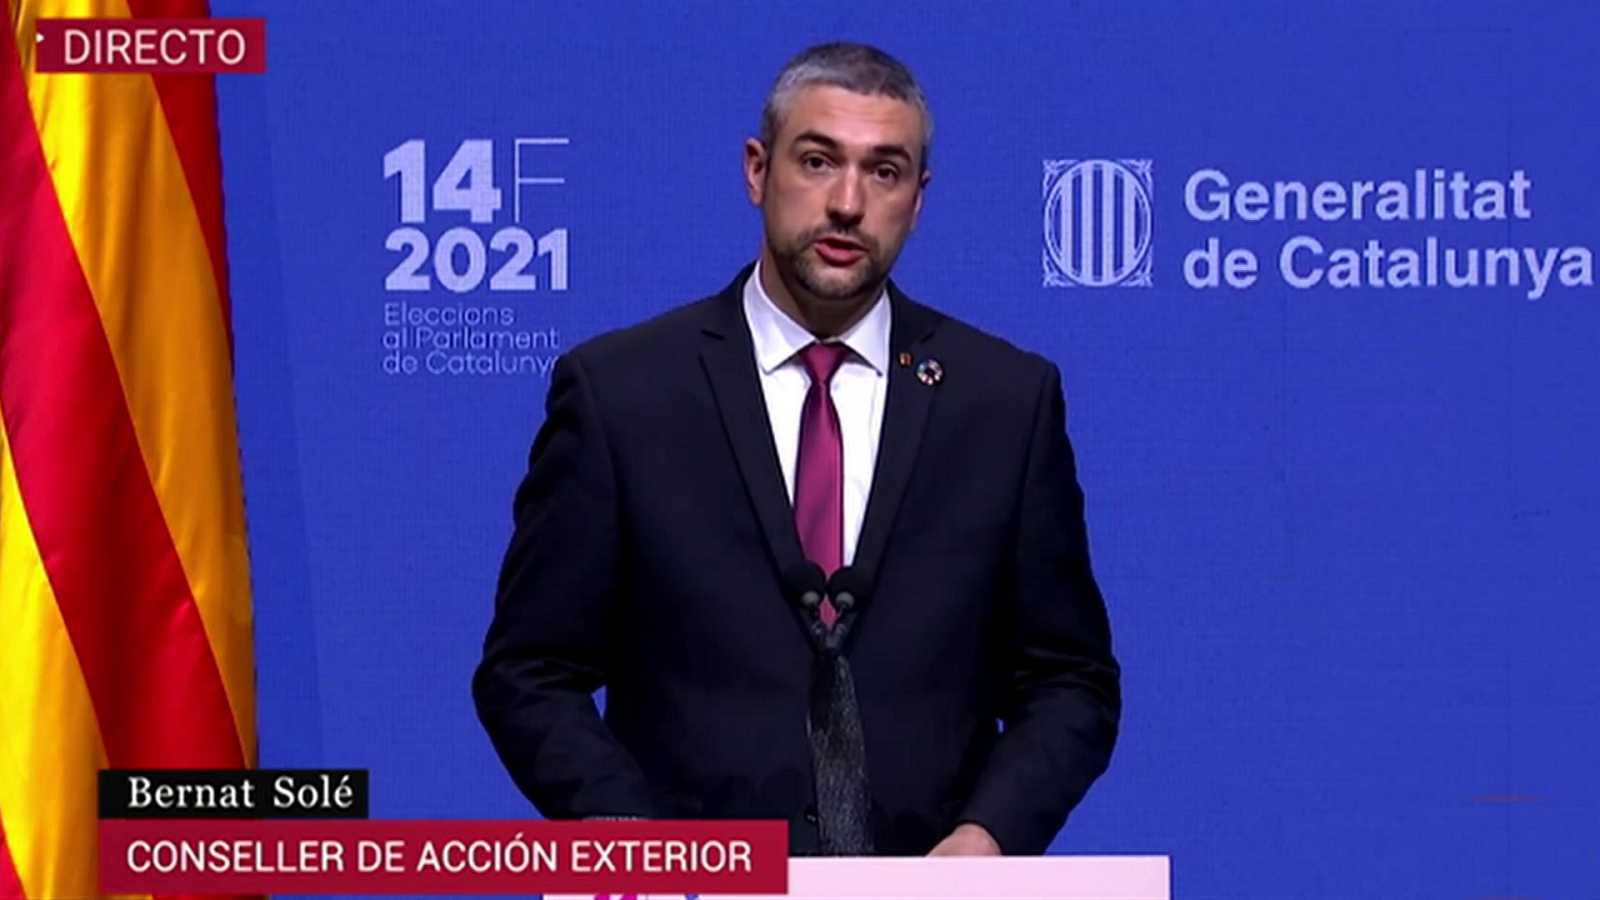 Avance informativo 10 horas - Jornada electoral Cataluña - 14/02/21 - ver ahora